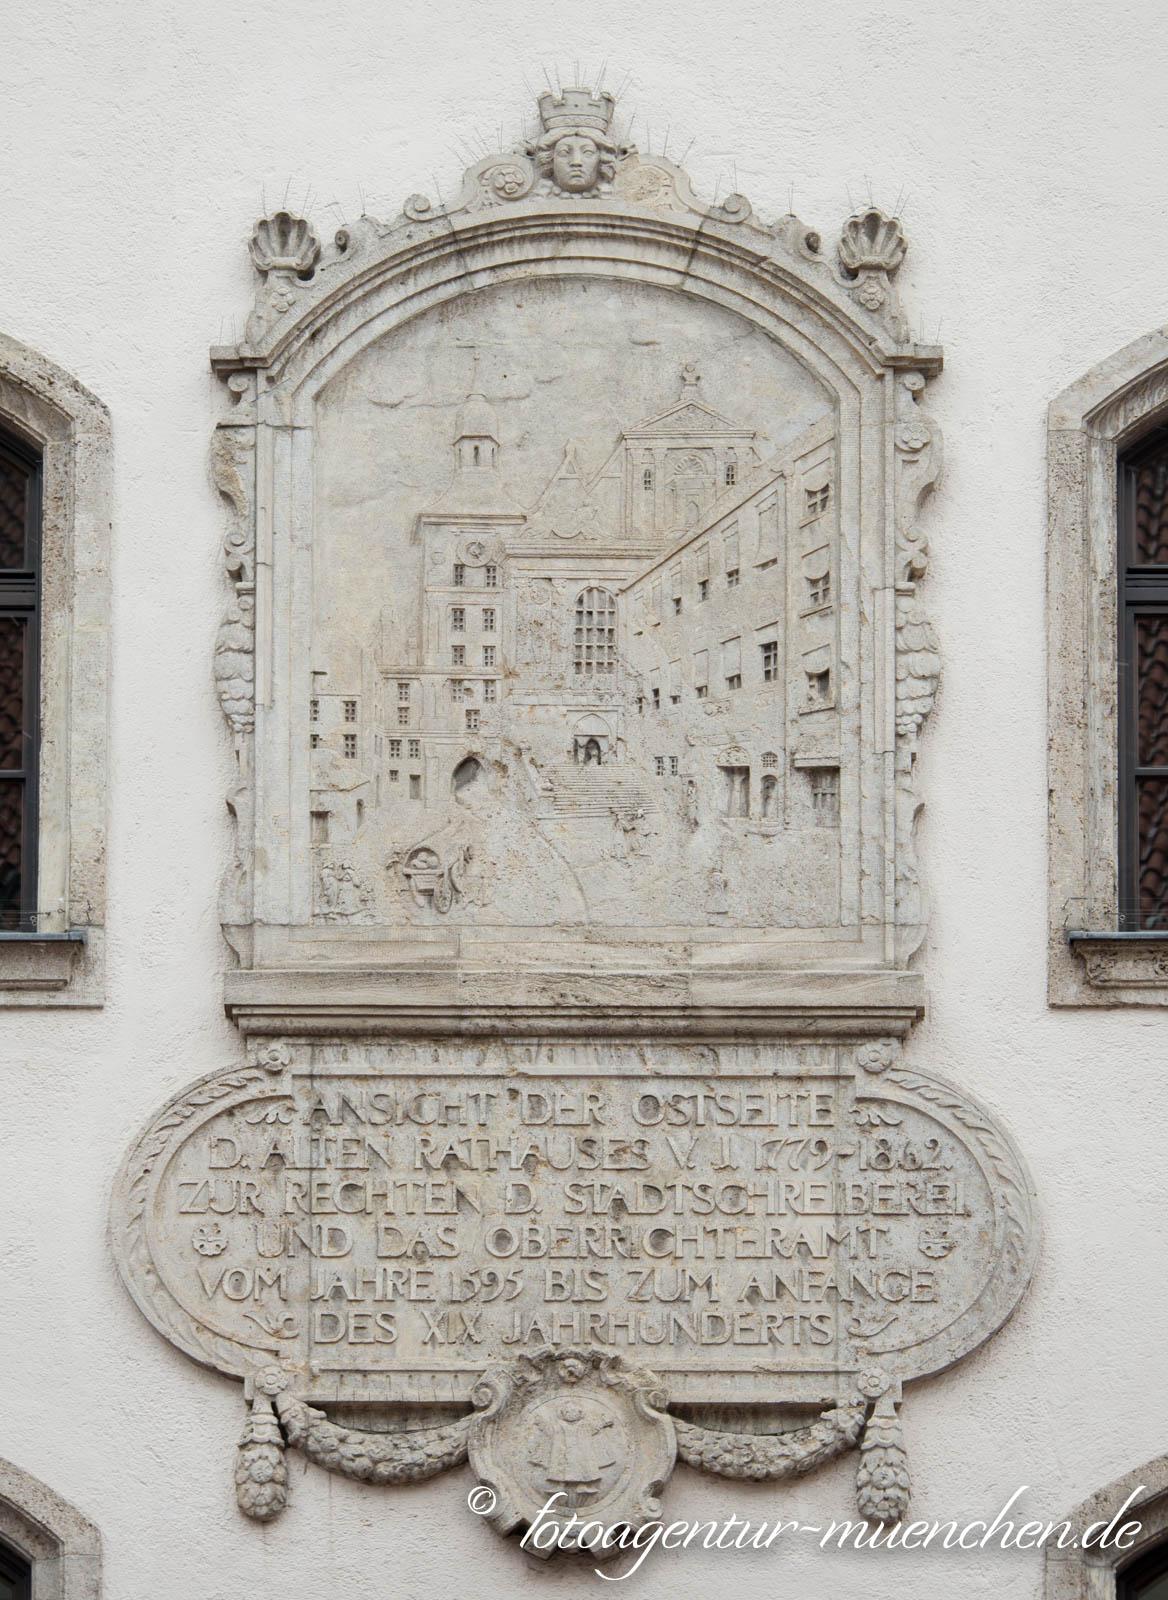 Altes Rathaus - Ansicht der Ostseite